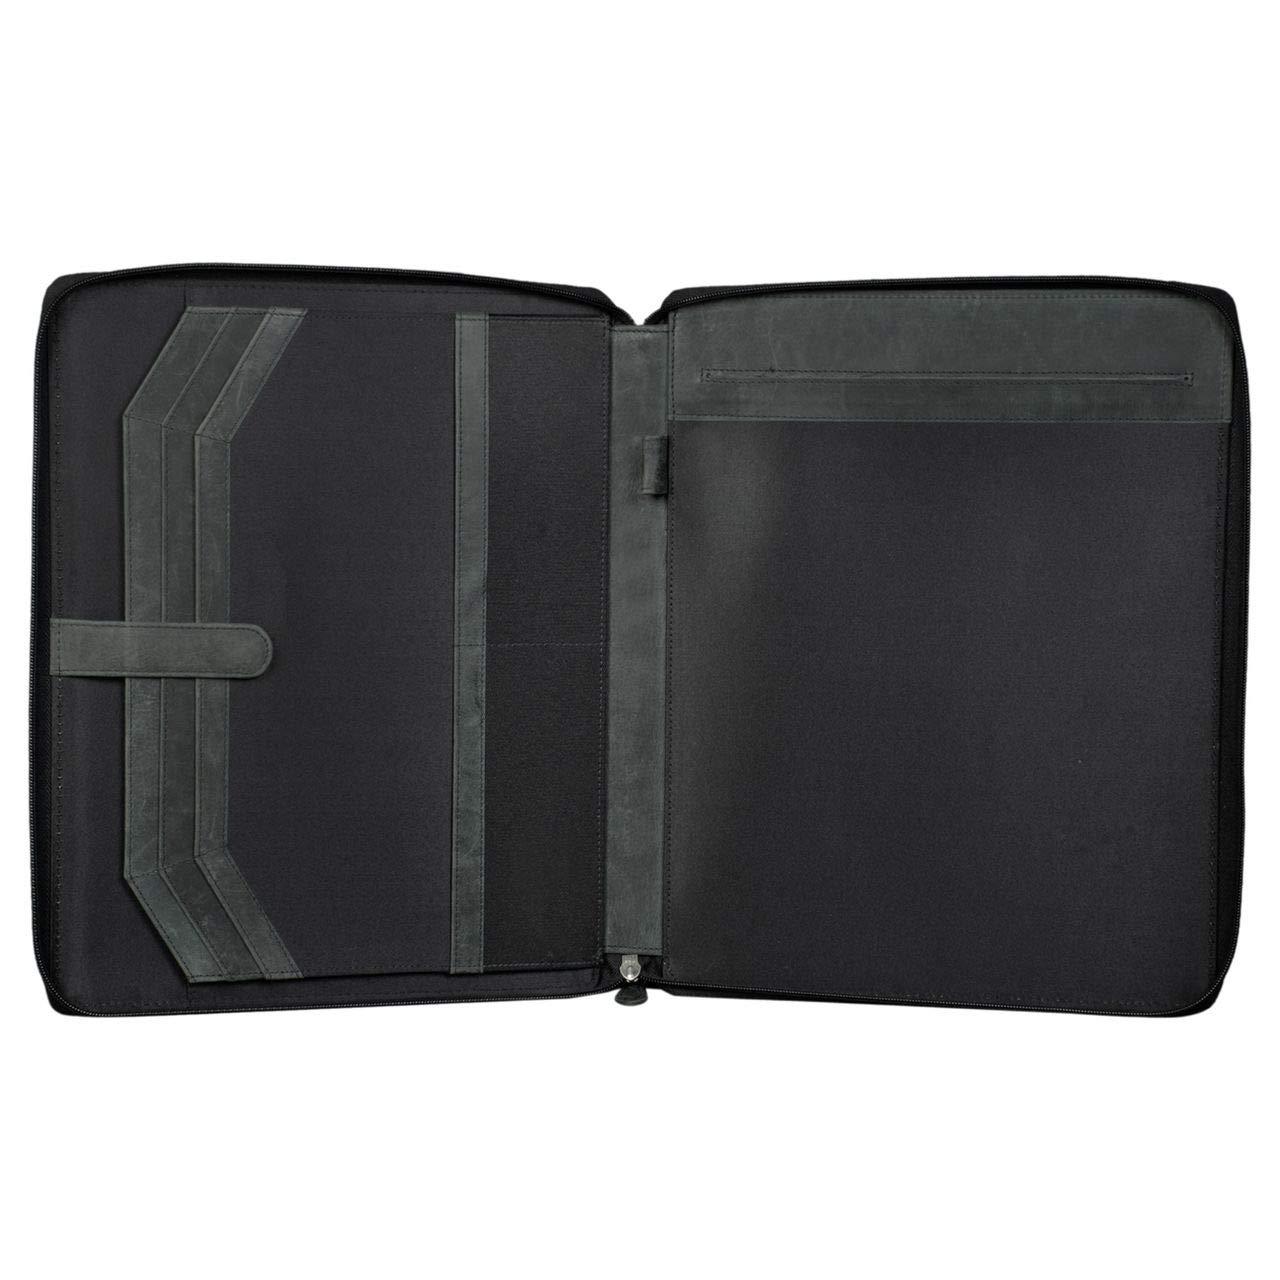 Color:Antracita STILORD Dexter Portadocumentos Cuero Bolsa Port/átil 13,3 para MacBook Portafolios o Malet/ín Carpeta Conferencia Trabajo o Negocios Piel Aut/éntico